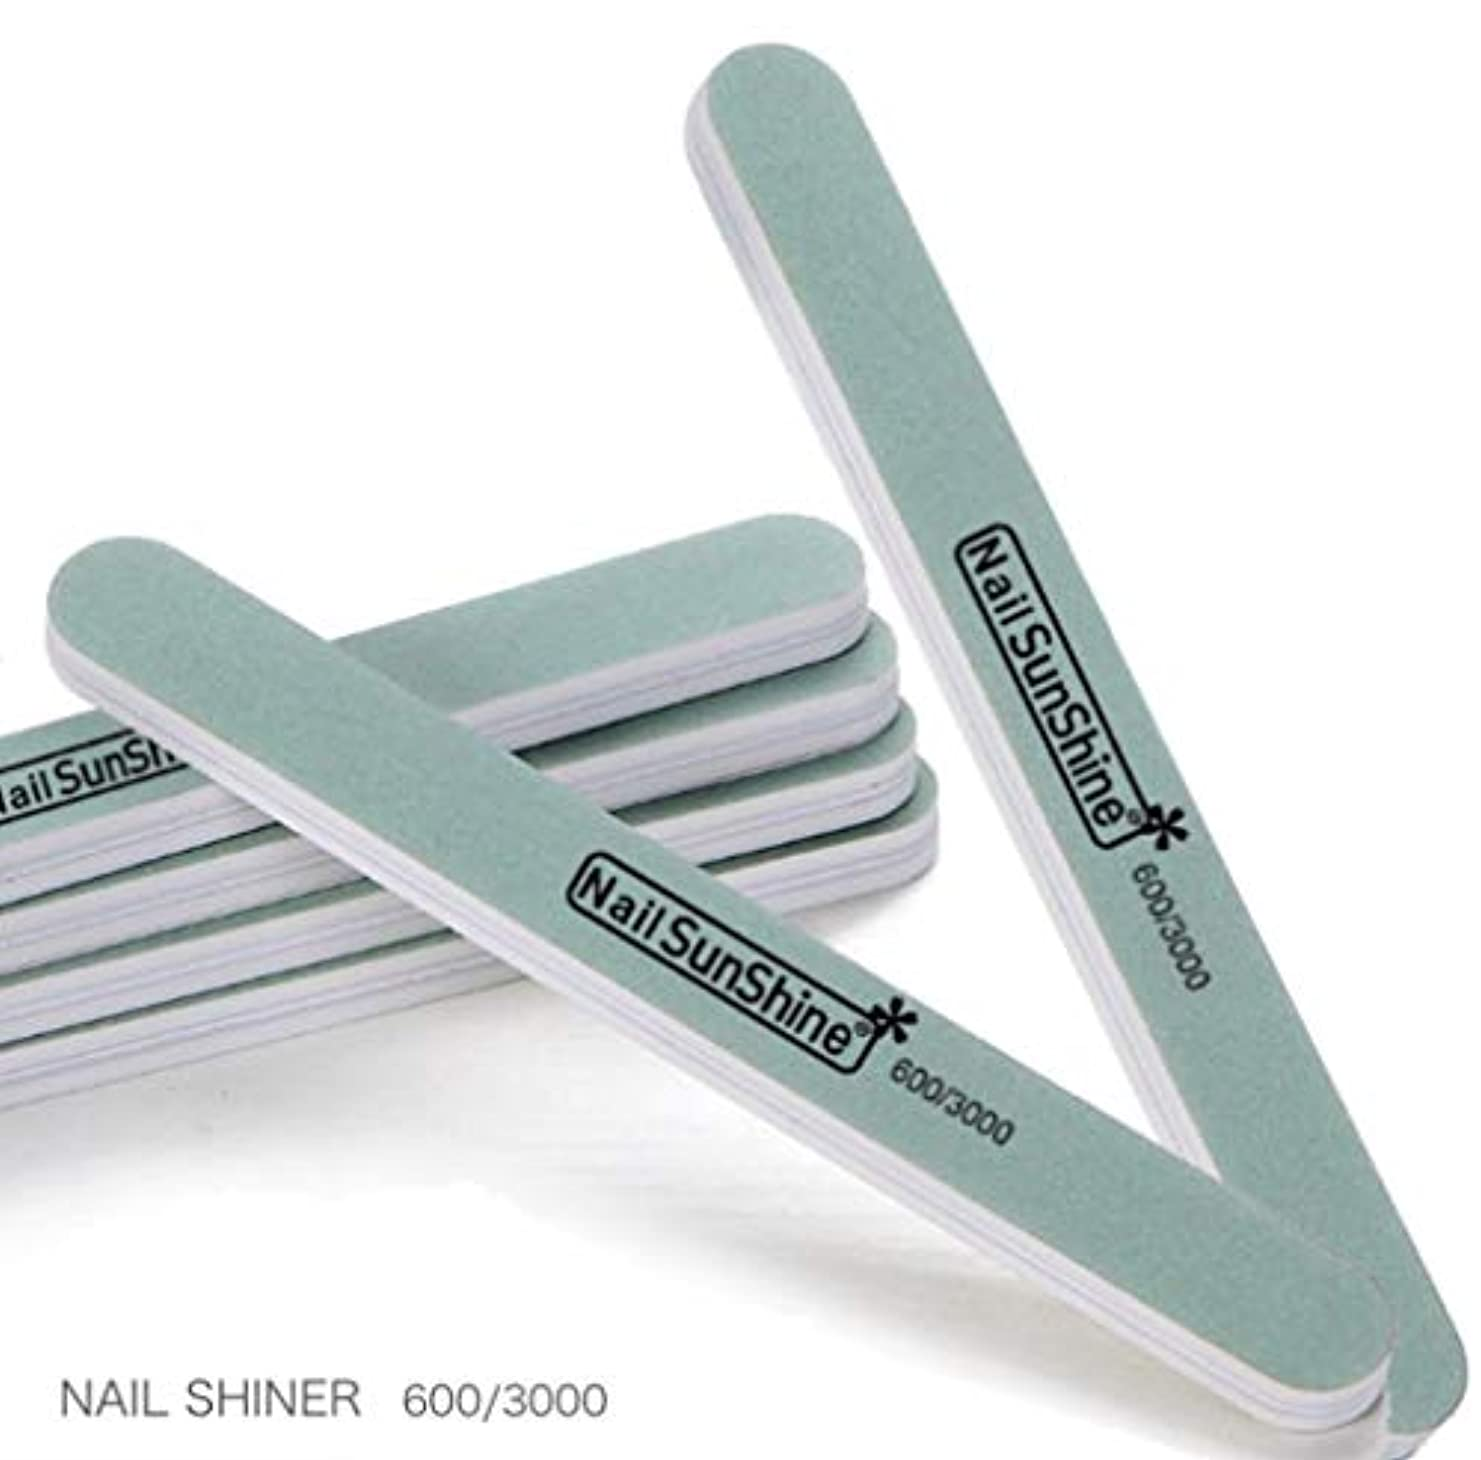 ラフ睡眠どちらか最近BEATON JAPAN 爪磨き ネイル ファイル シャイナー バッファー 600/3000 ネイルケア 10本セット